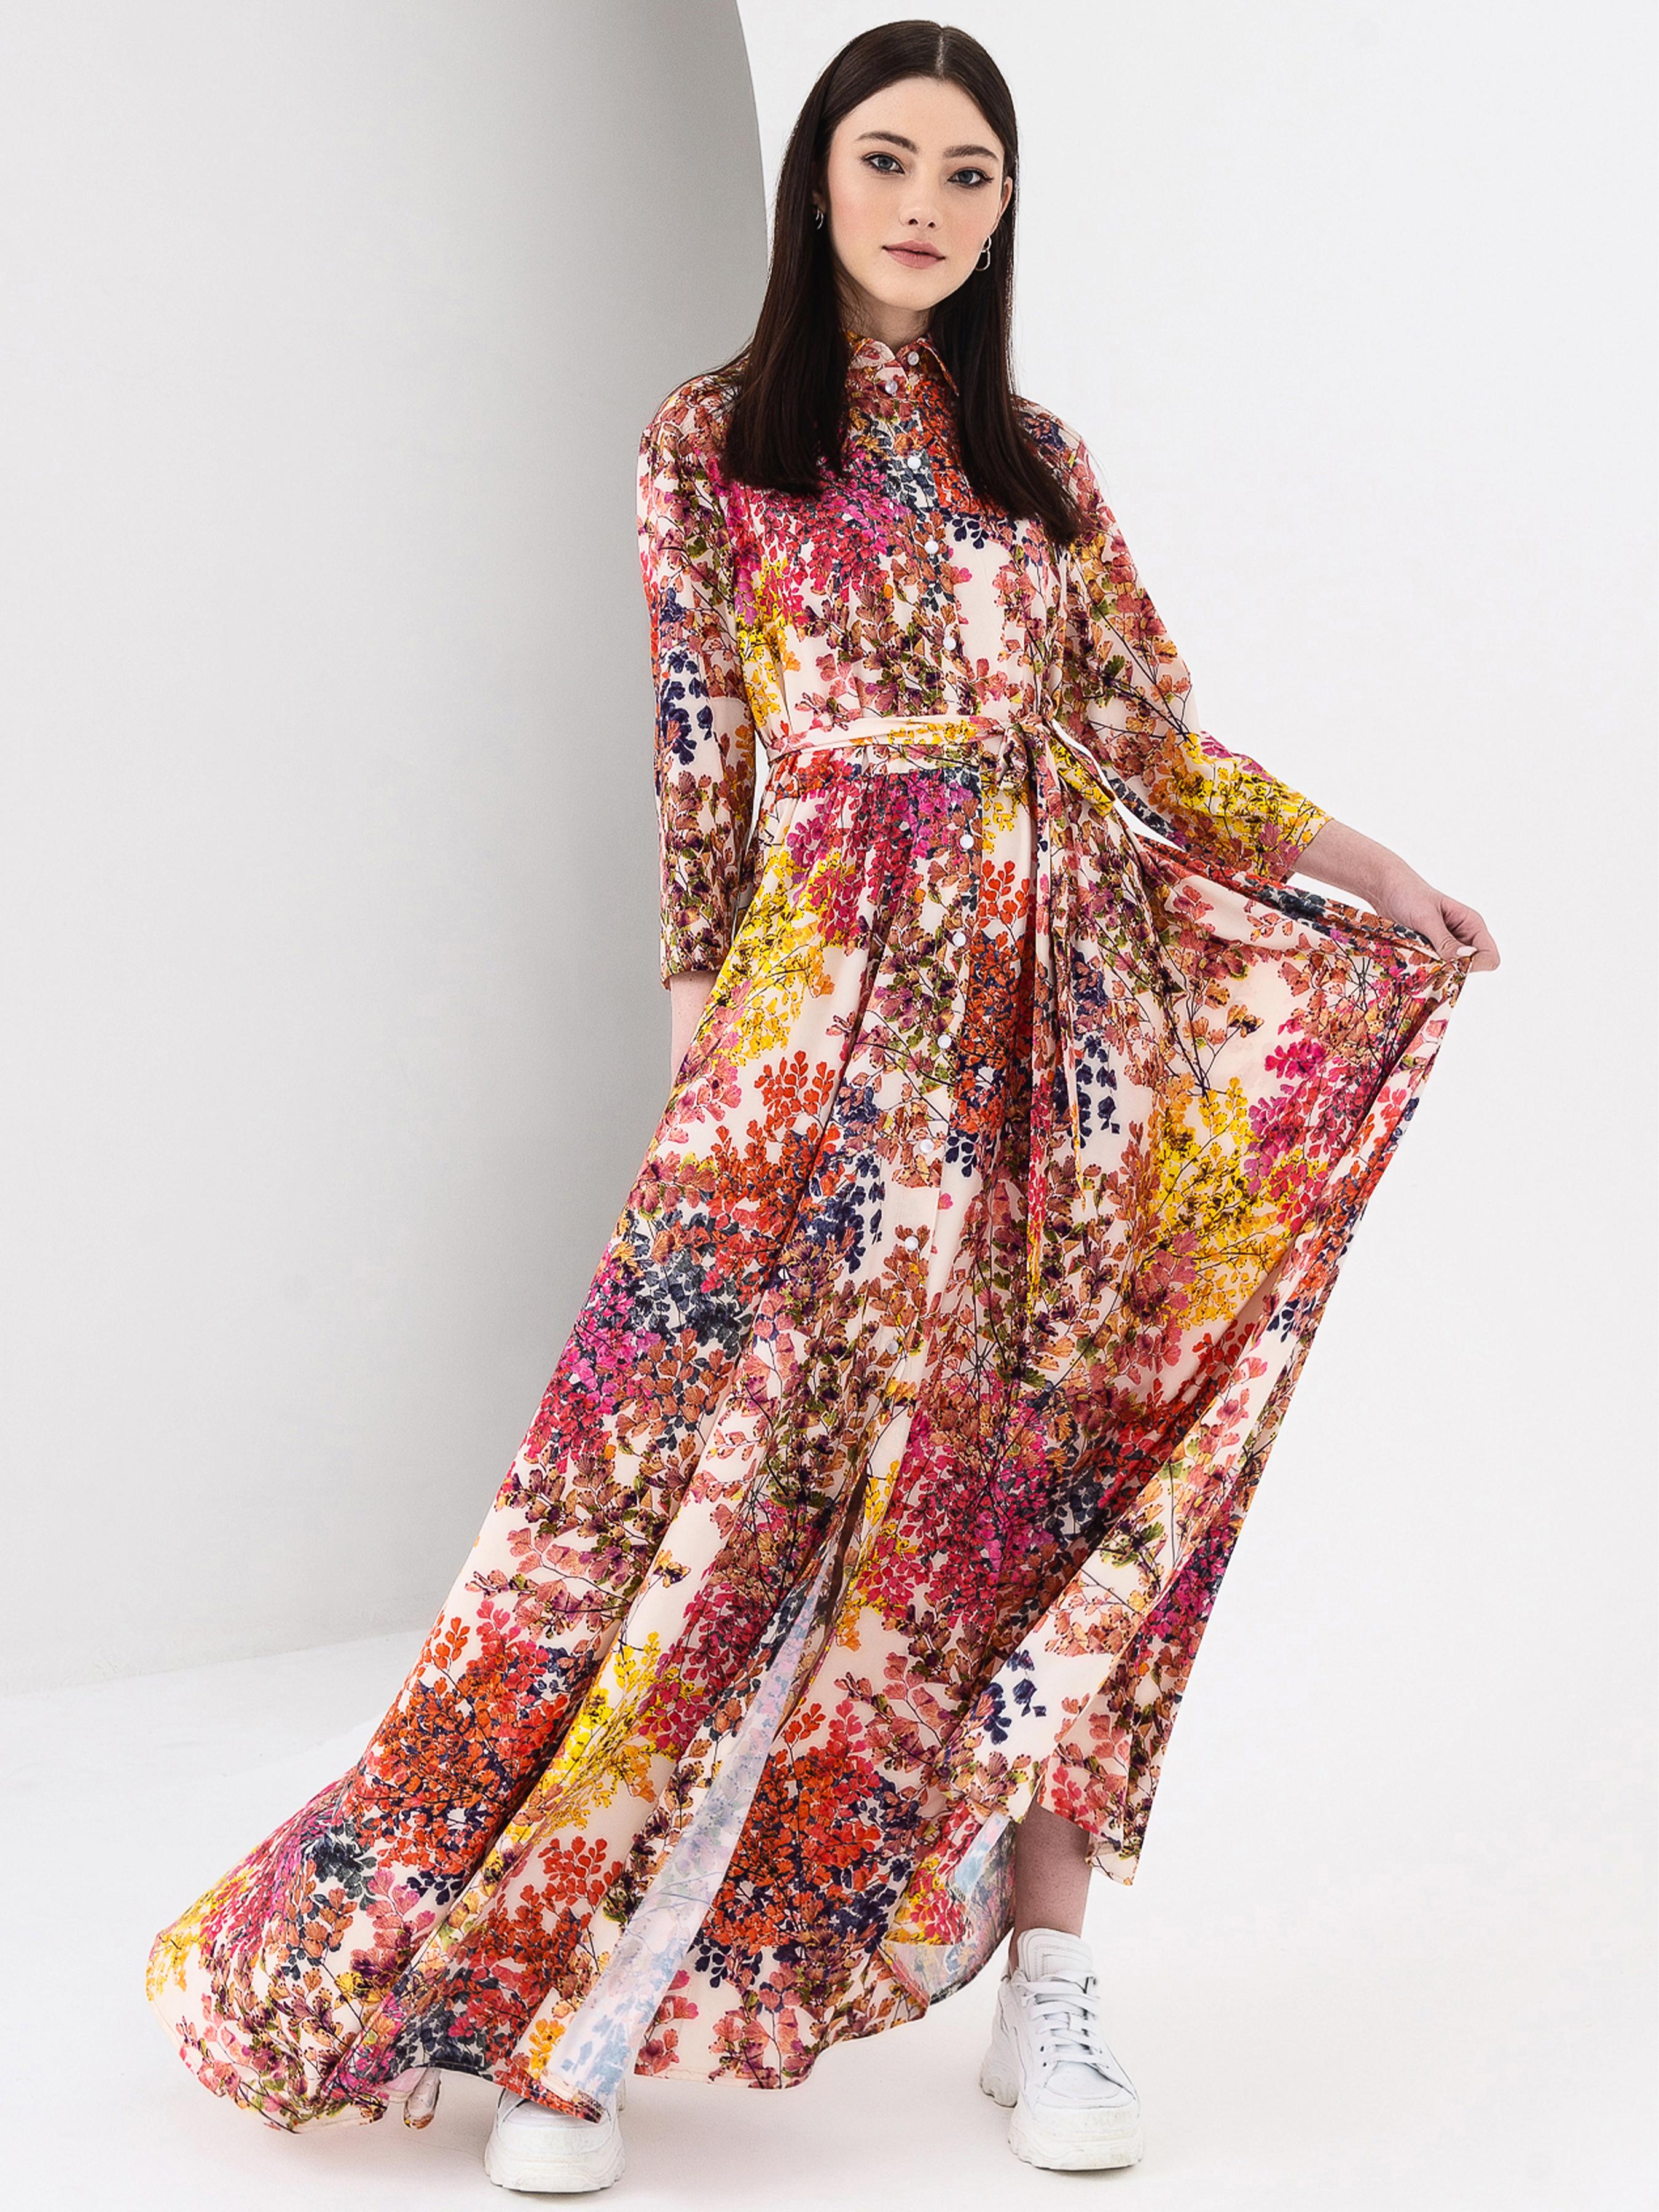 Купить Платье женское VOVK модель 08116 принт, Многоцветный